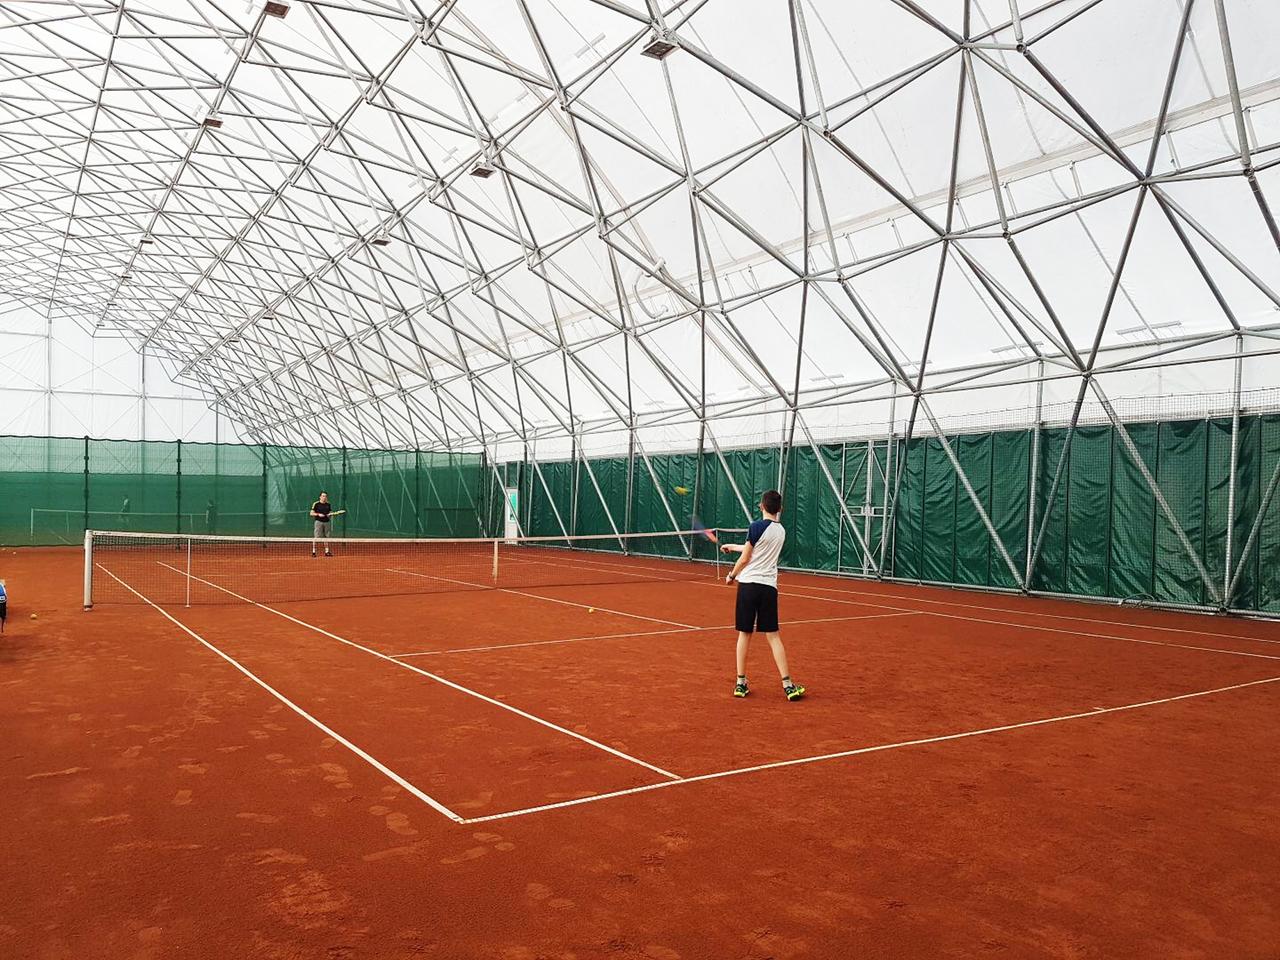 estructuras geodesicas 3